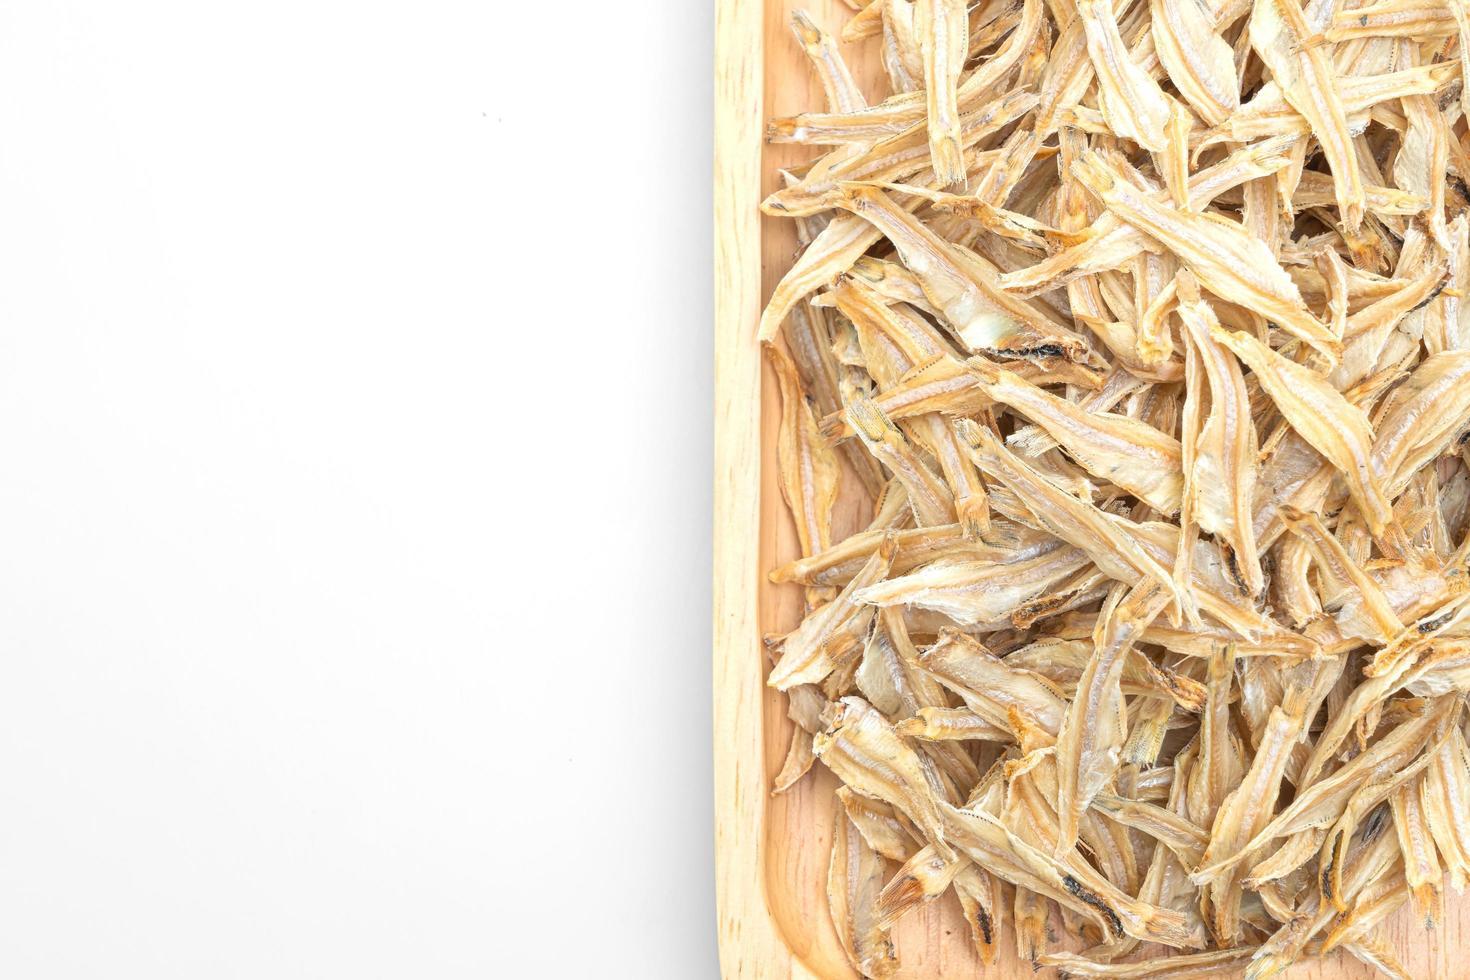 Petit poisson cuit croustillant séché isolé sur fond blanc photo